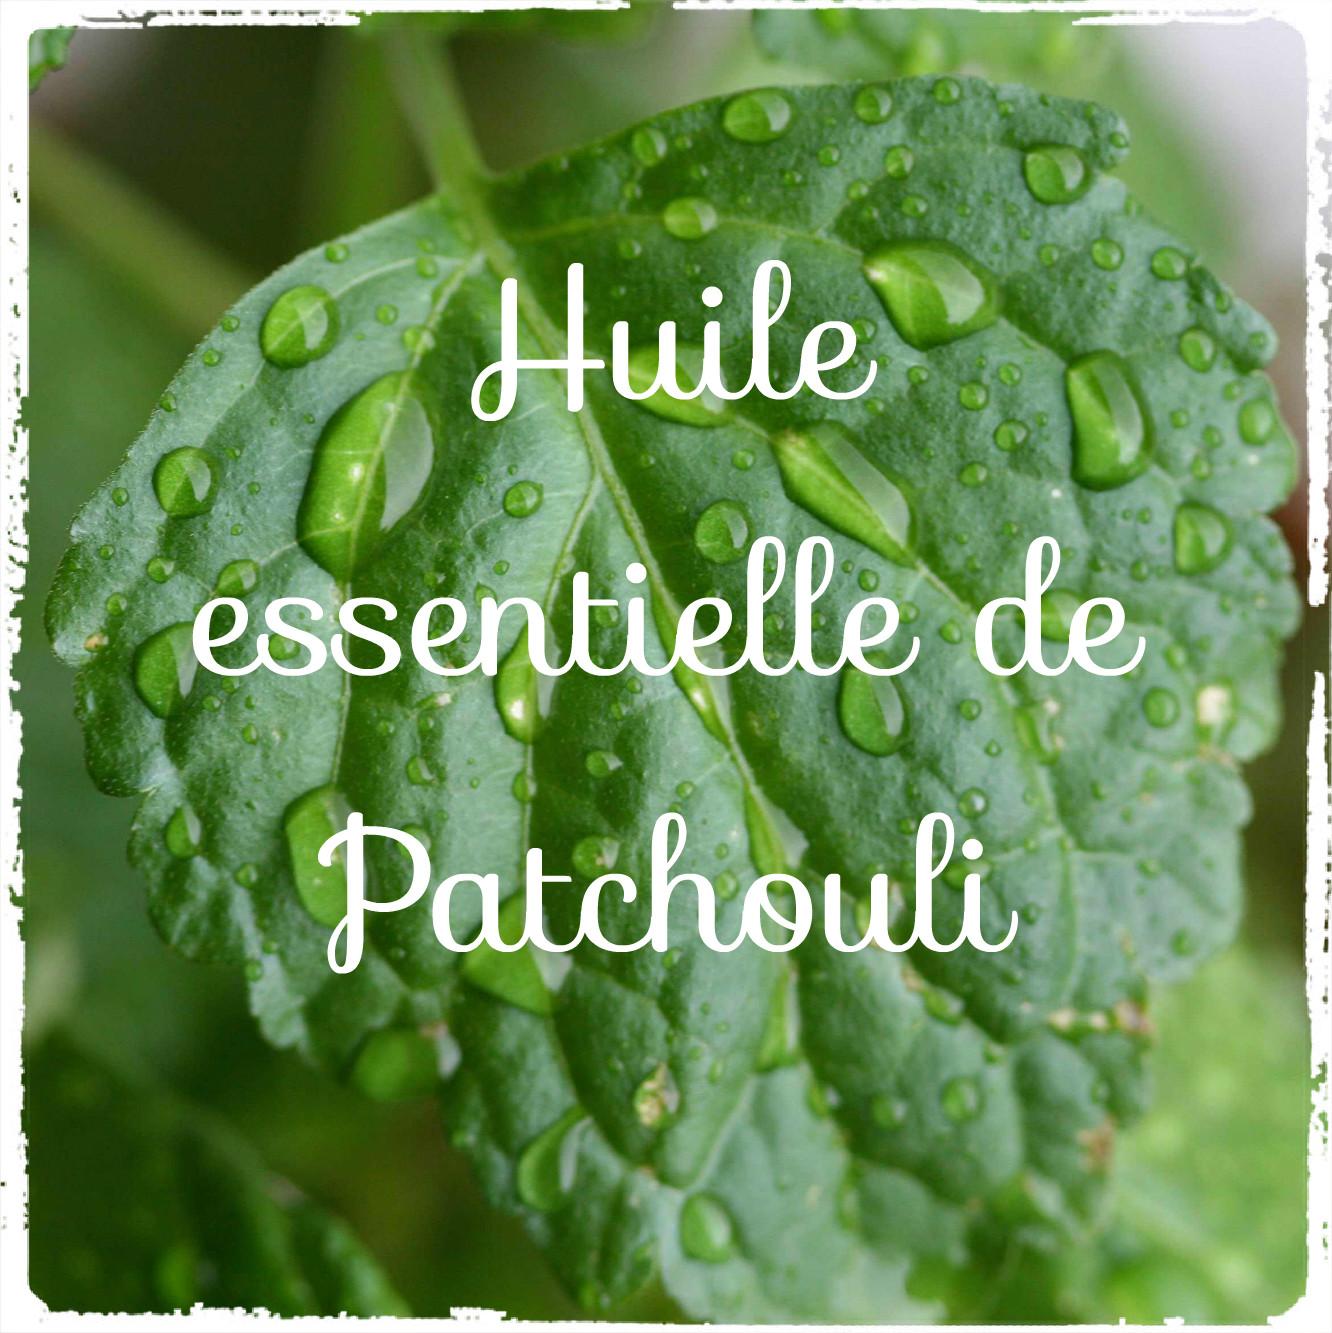 20 astuces d'utilisation de l'huile essentielle de Patchouli